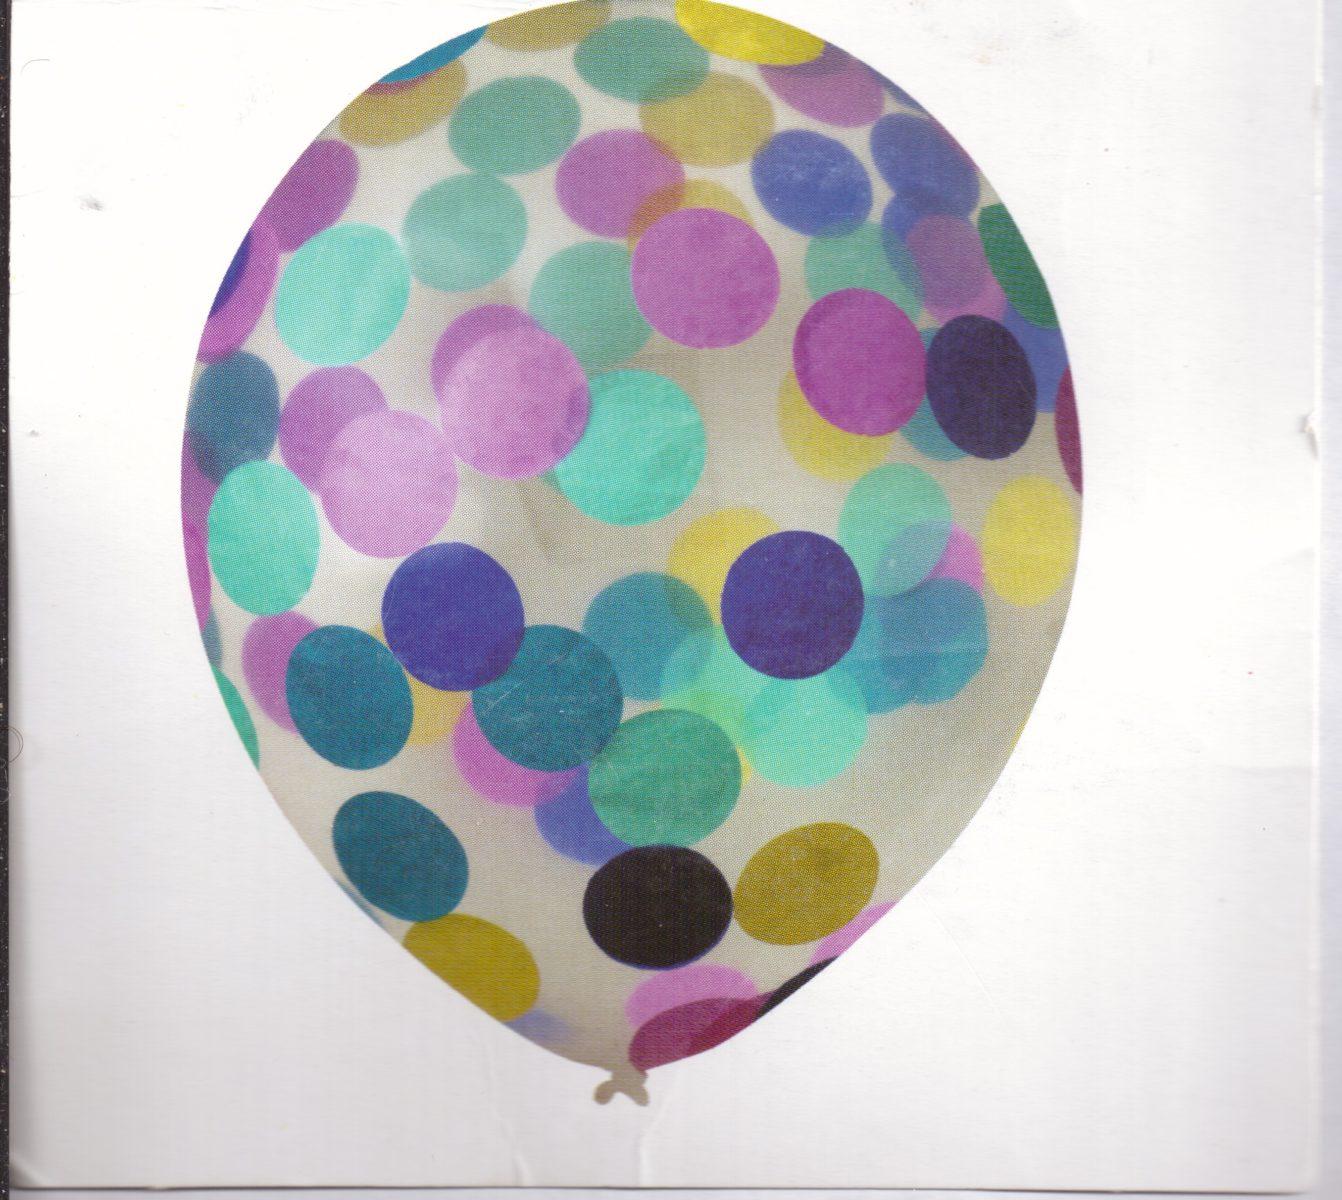 Ballons – Confetti - Lot de 6